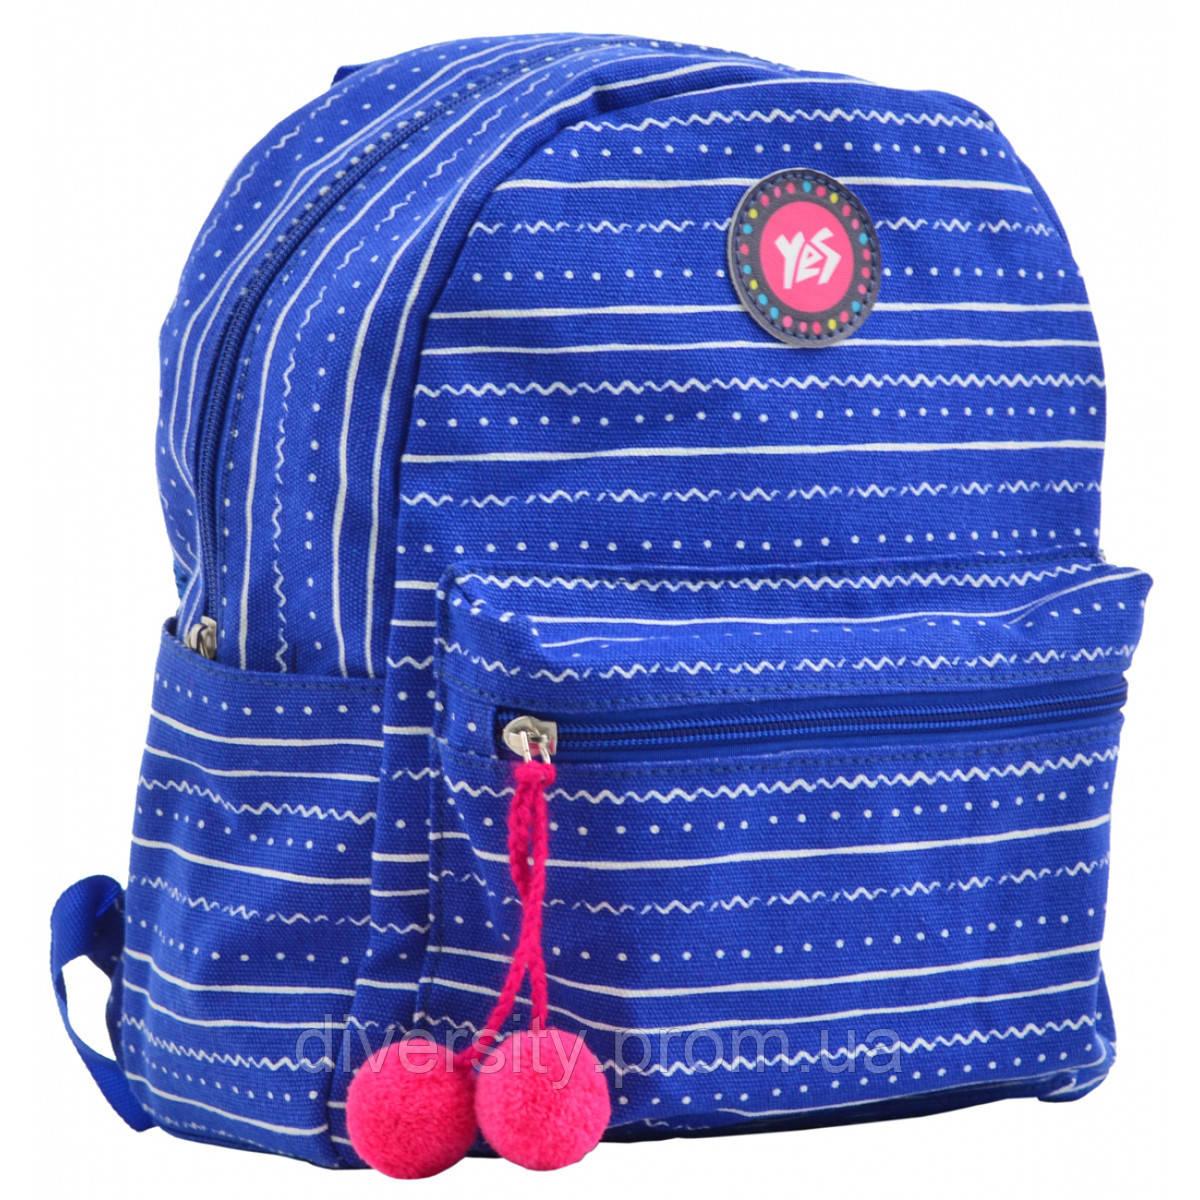 Молодежный рюкзак YES  ST-32 Weave, 28*22*12